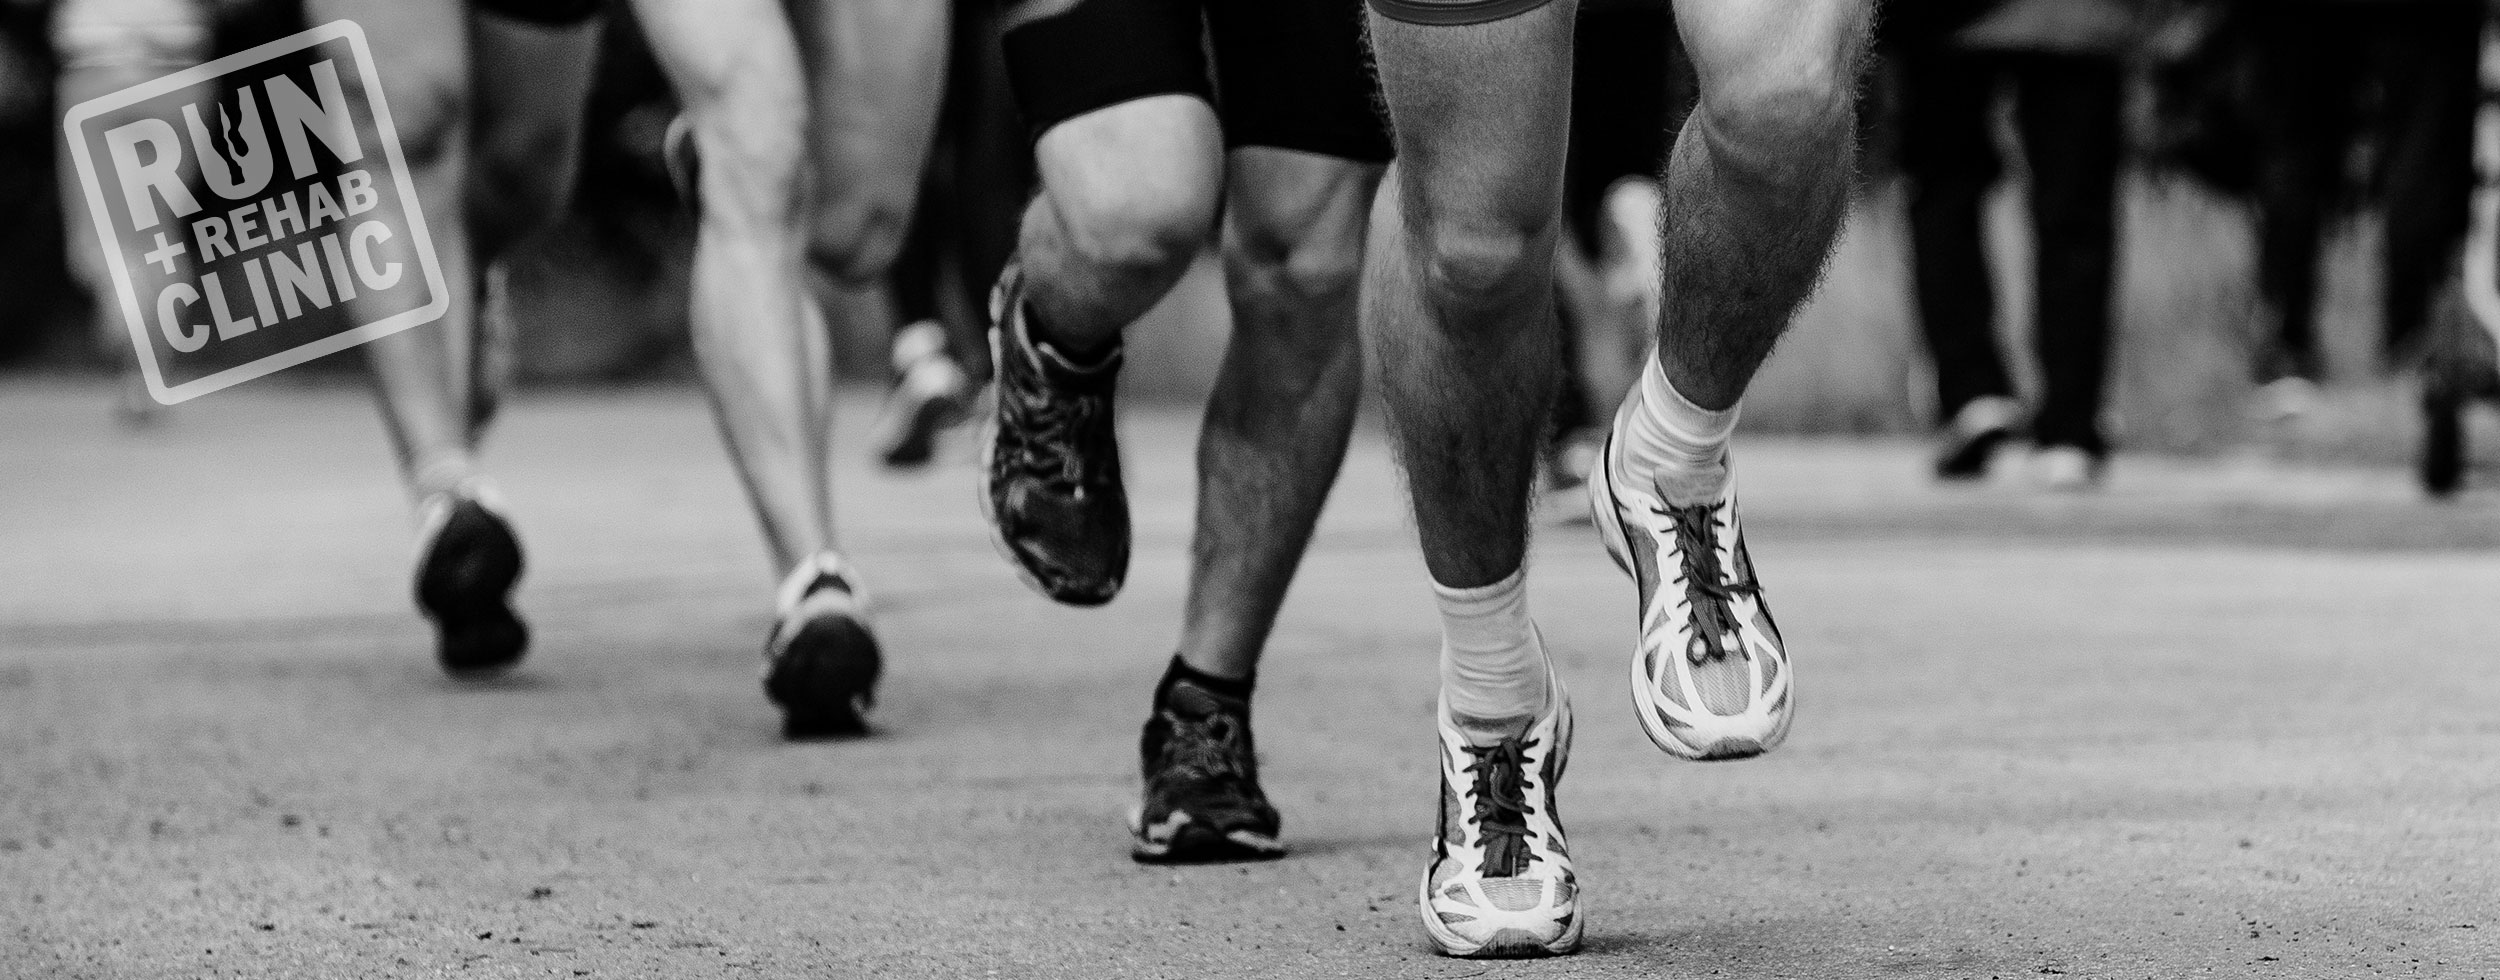 - Biomechanical analysis of running technique & movement